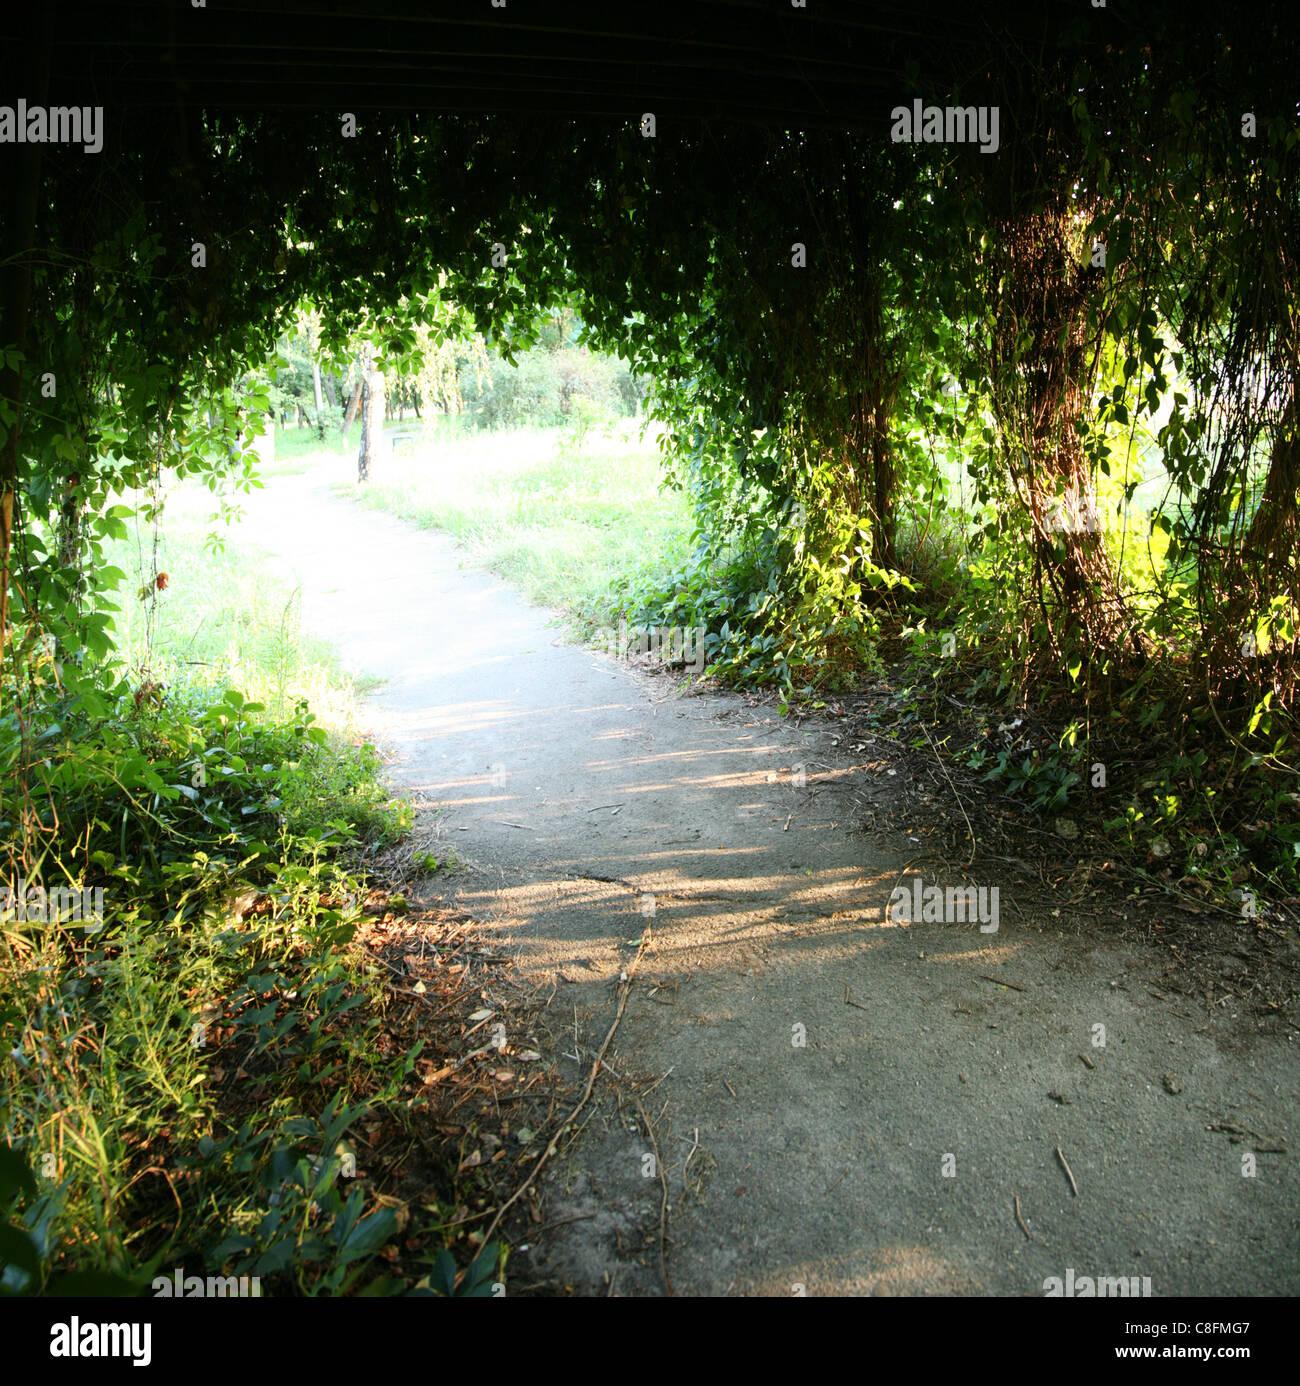 Scène du parc. D'arbres forme une arche. Photo Stock